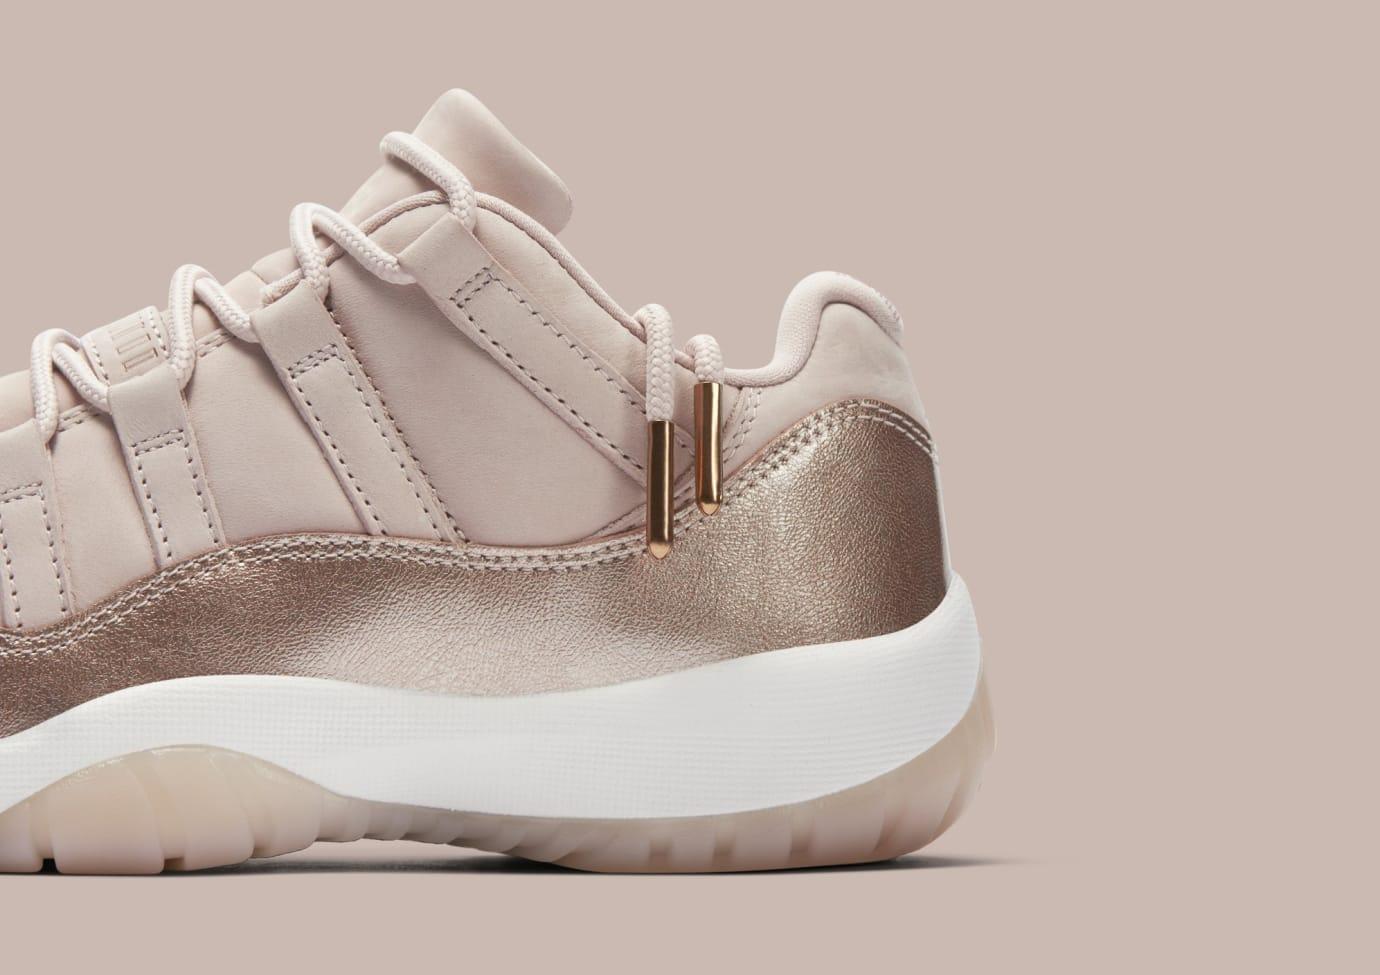 ca5fd38e175 Image via Nike Air Jordan 11 Low  Rose Gold  AH7860-105 (Detail)